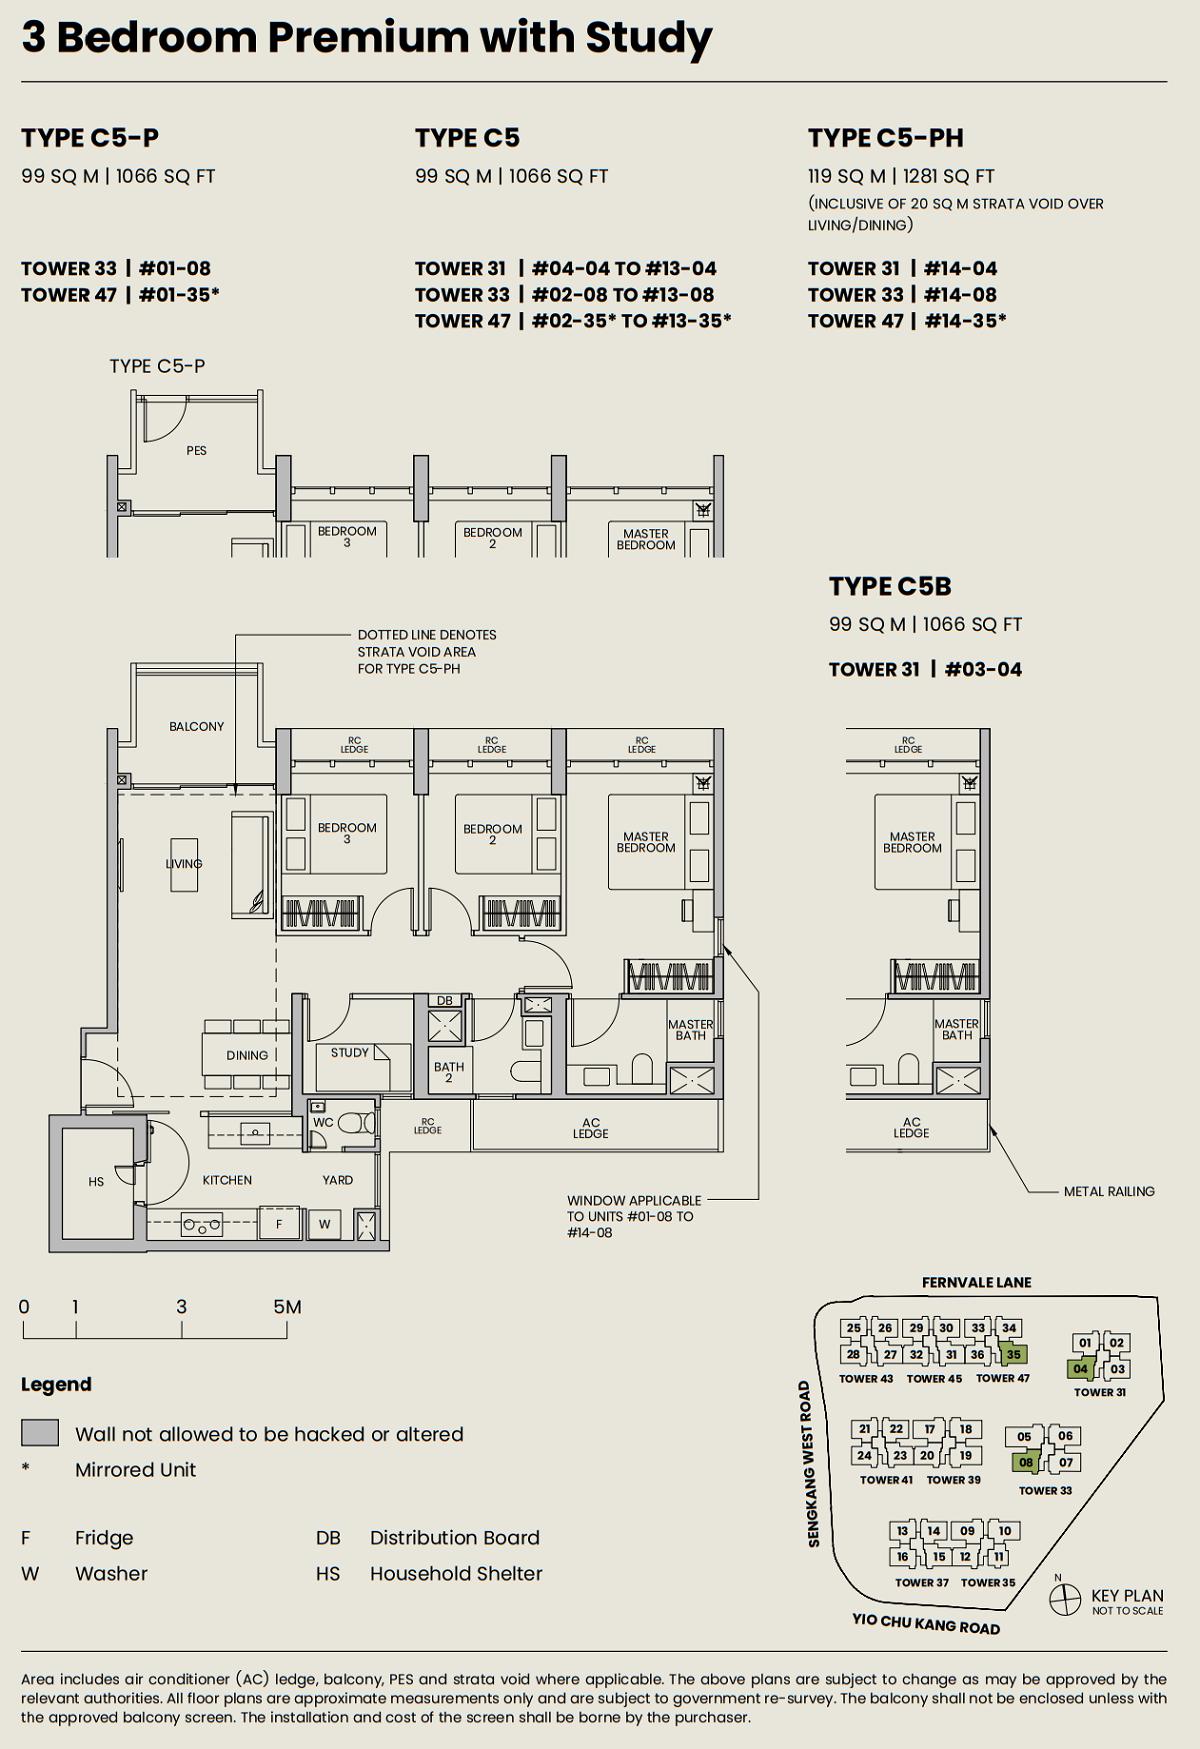 Parc Greenwich Floor Plan 3PS Type C5 99_1066